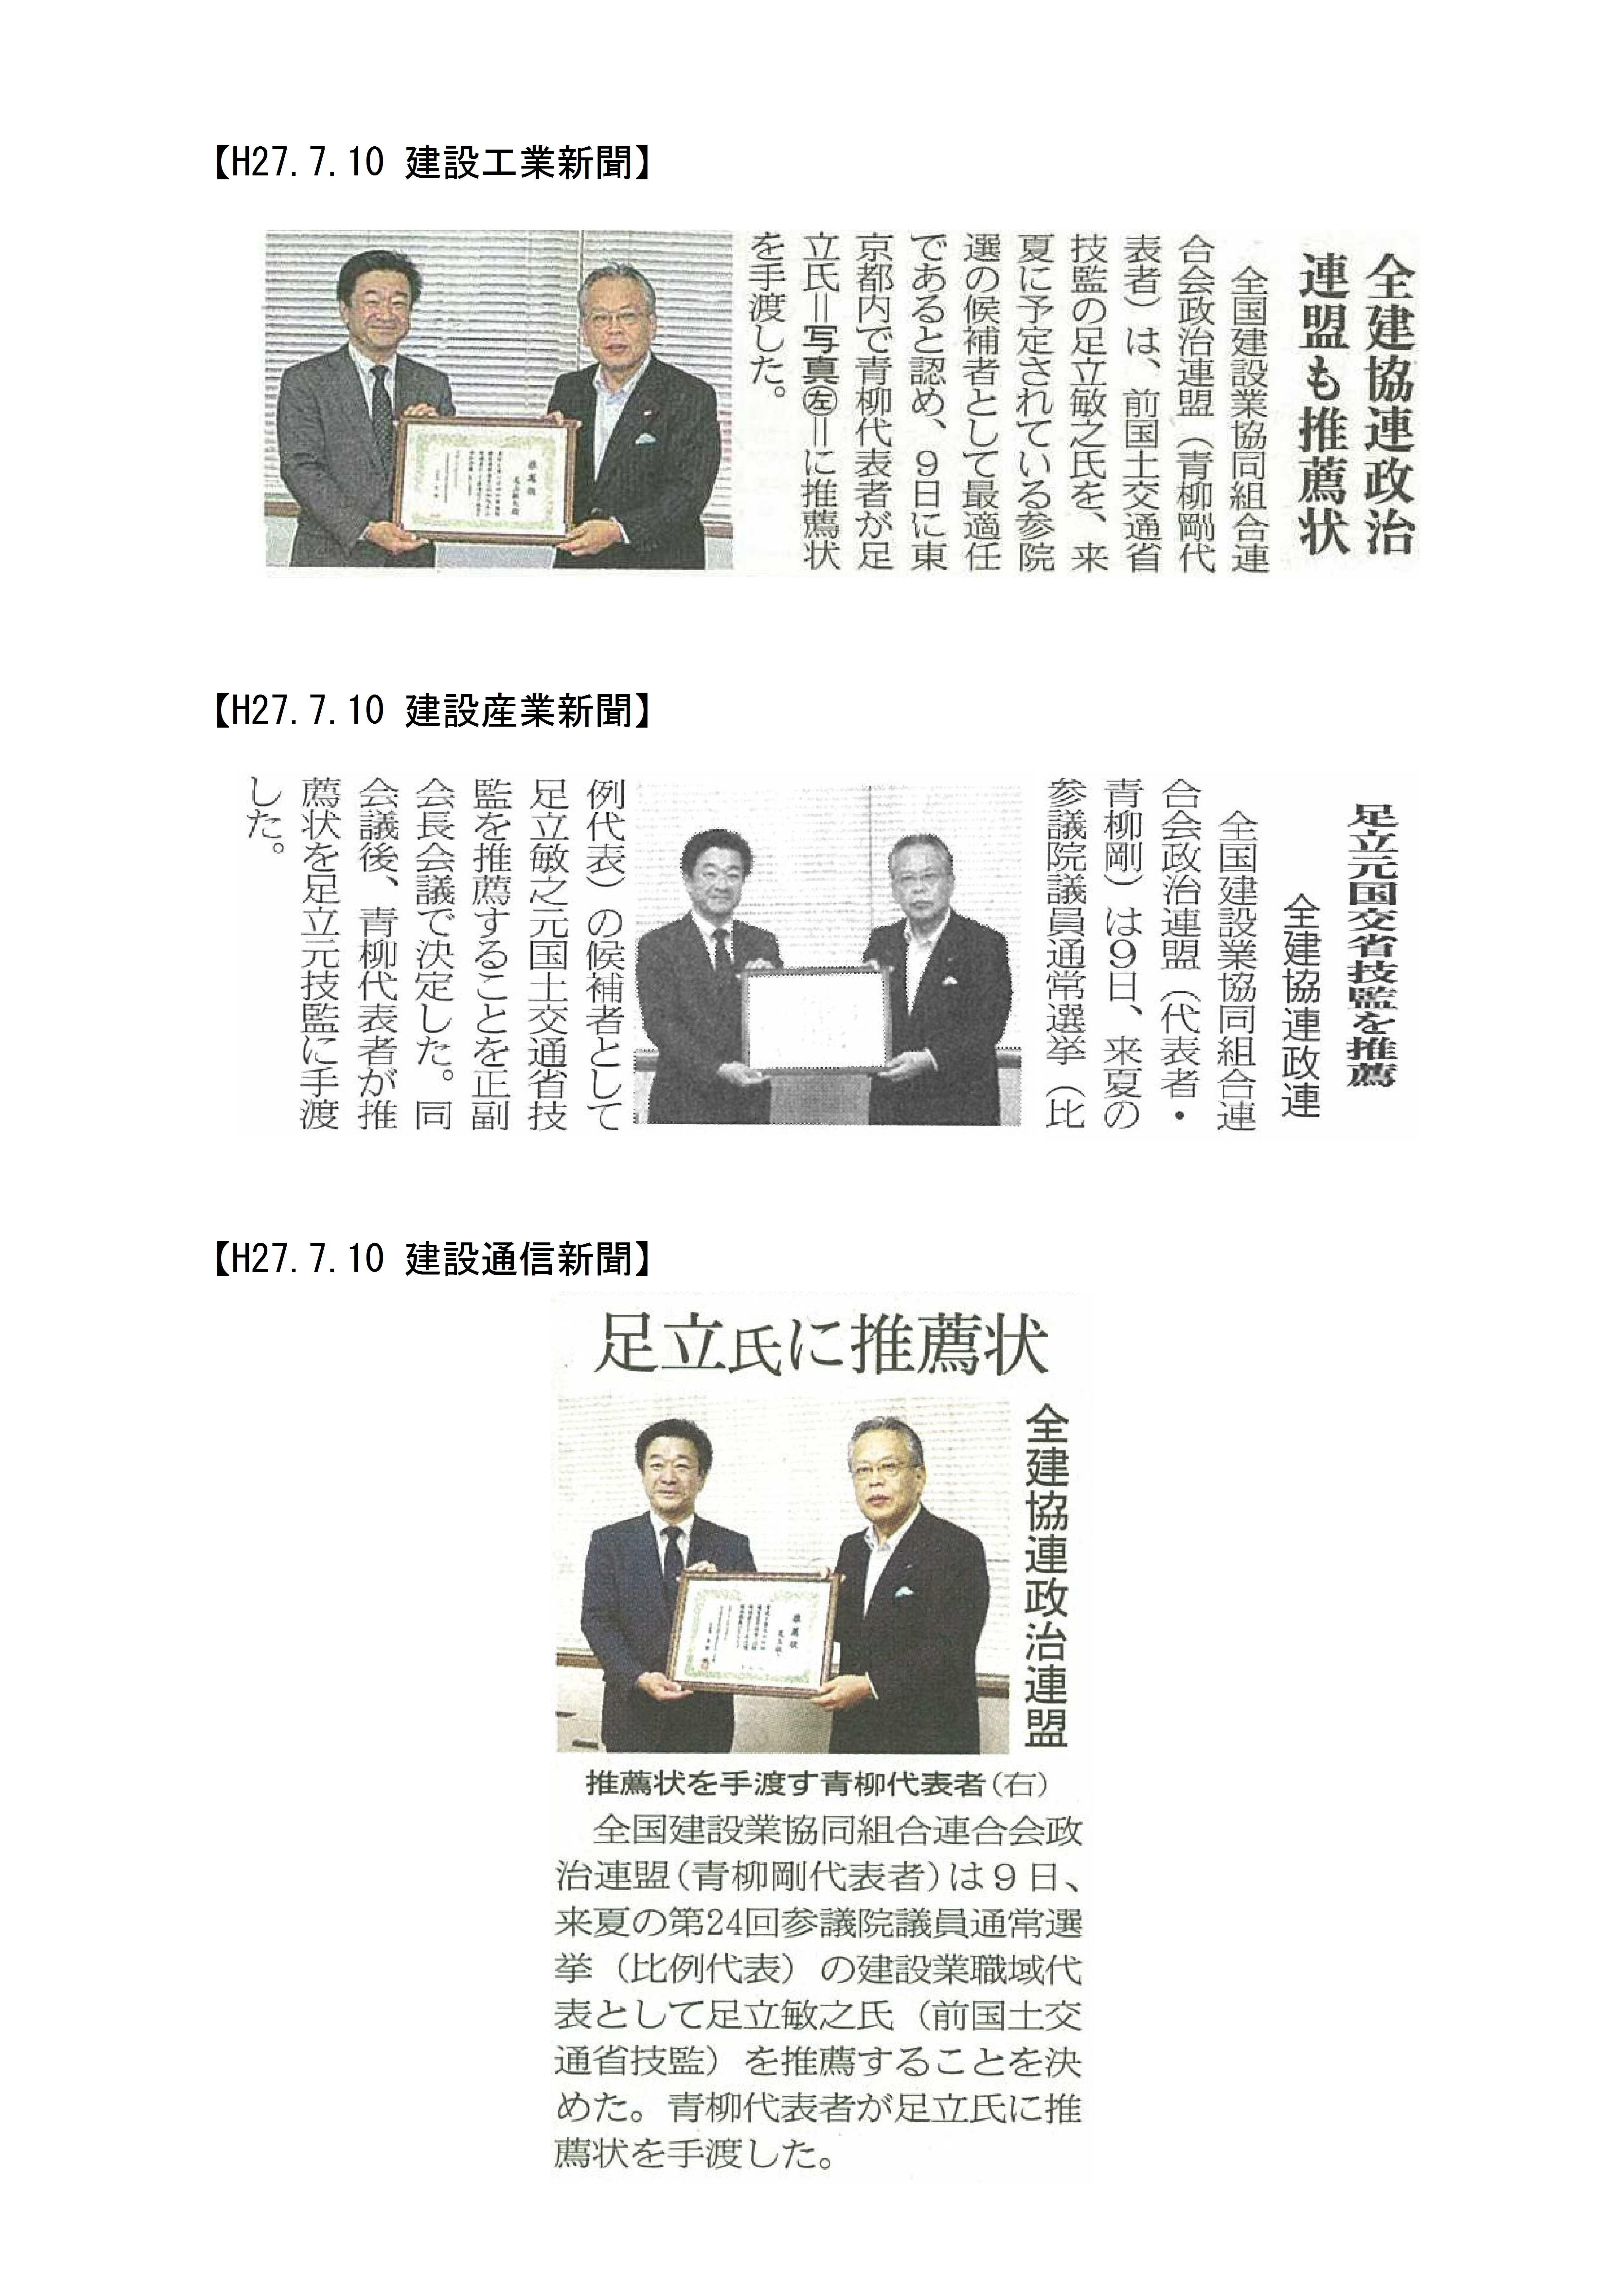 150710政治連盟:専門紙3紙